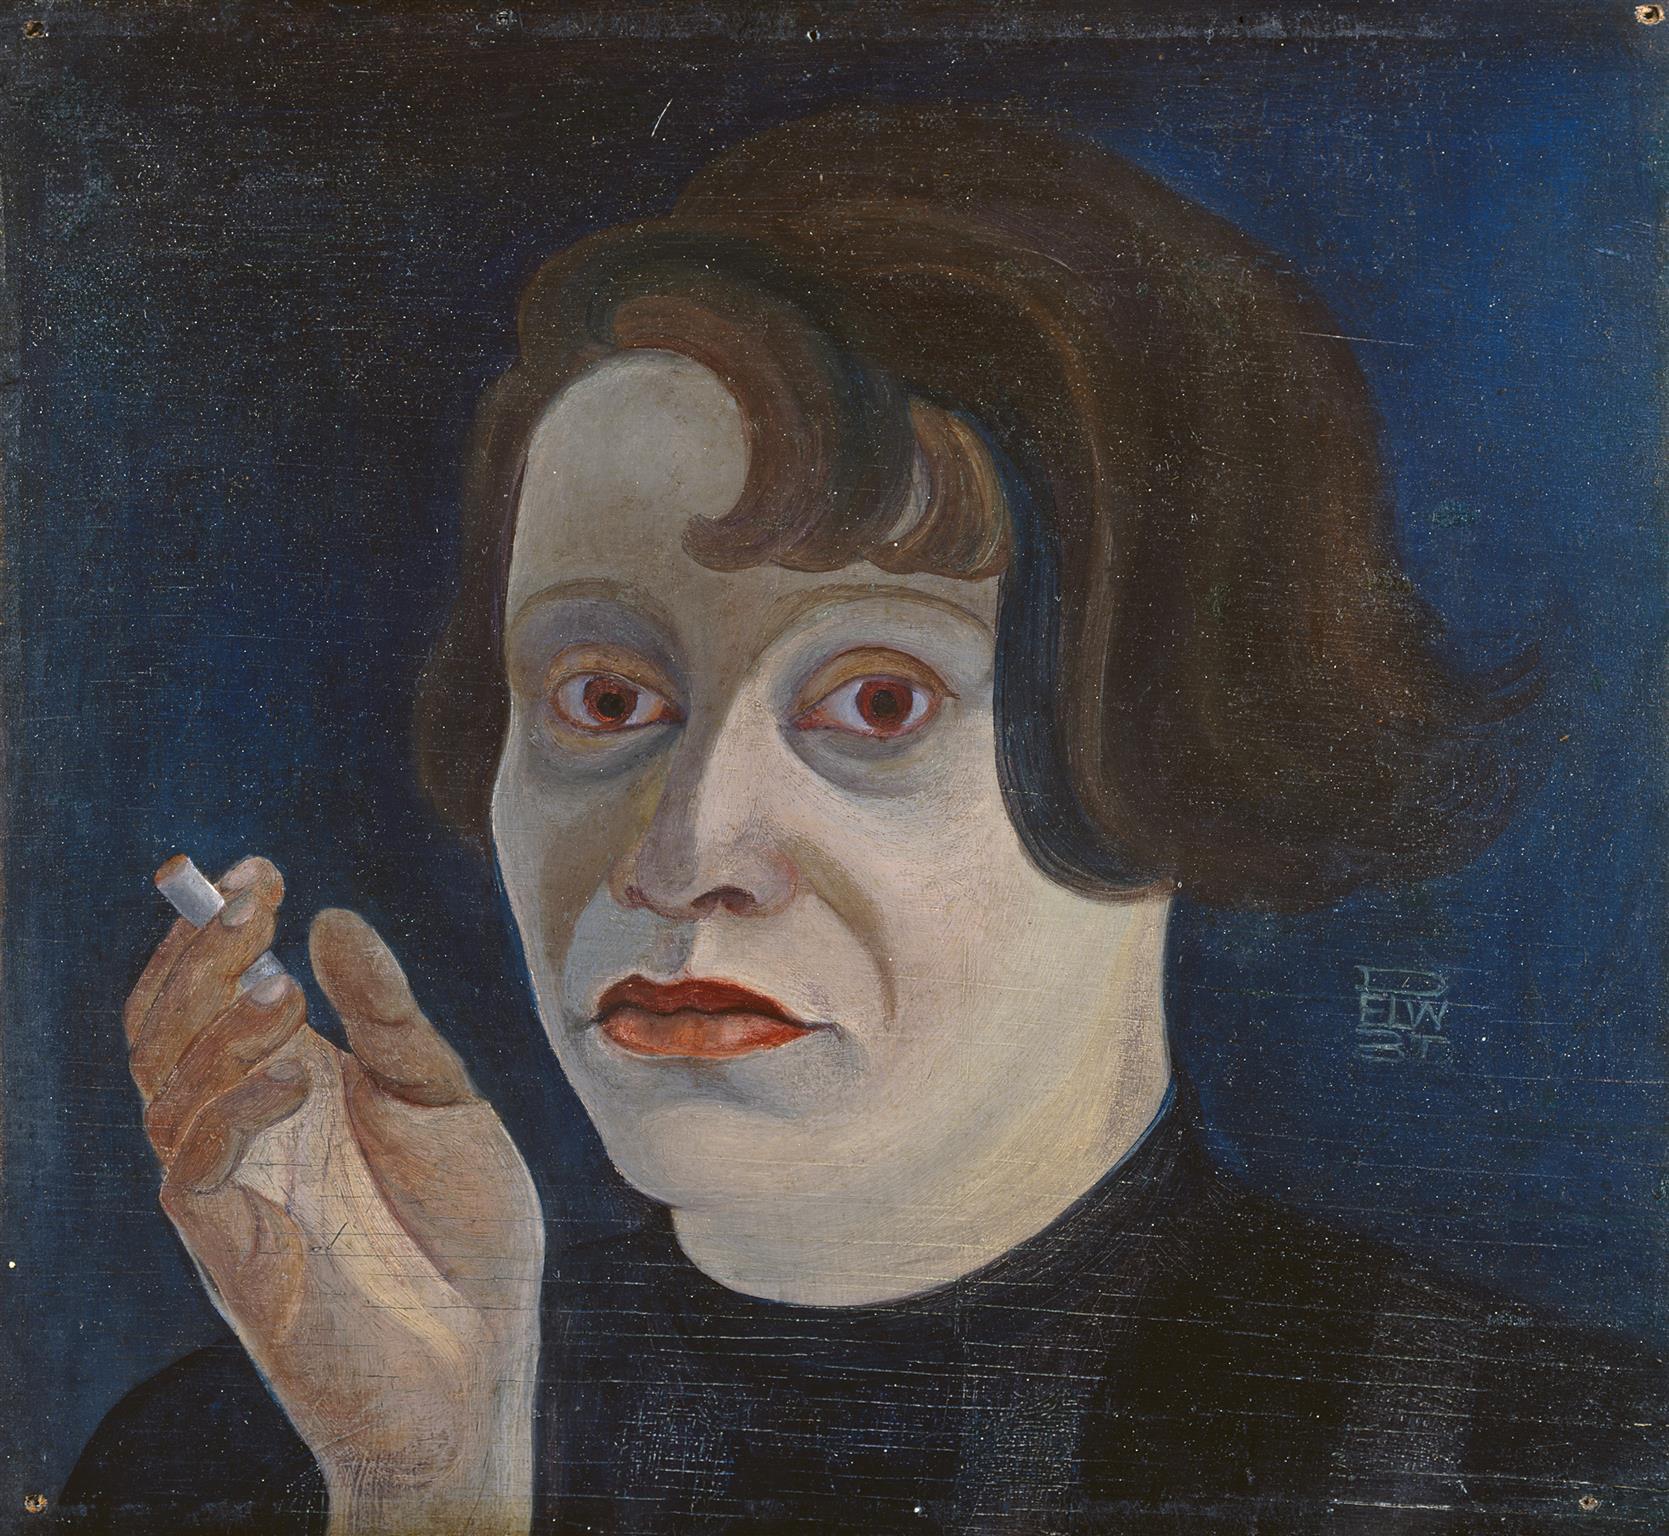 Elfriede Lohse-Wächtler, »Selbstbildnis mit Zigarette«, 1931, © Privatsammlung in der Hamburger Kunsthalle / bpk, Foto: Elke Walford